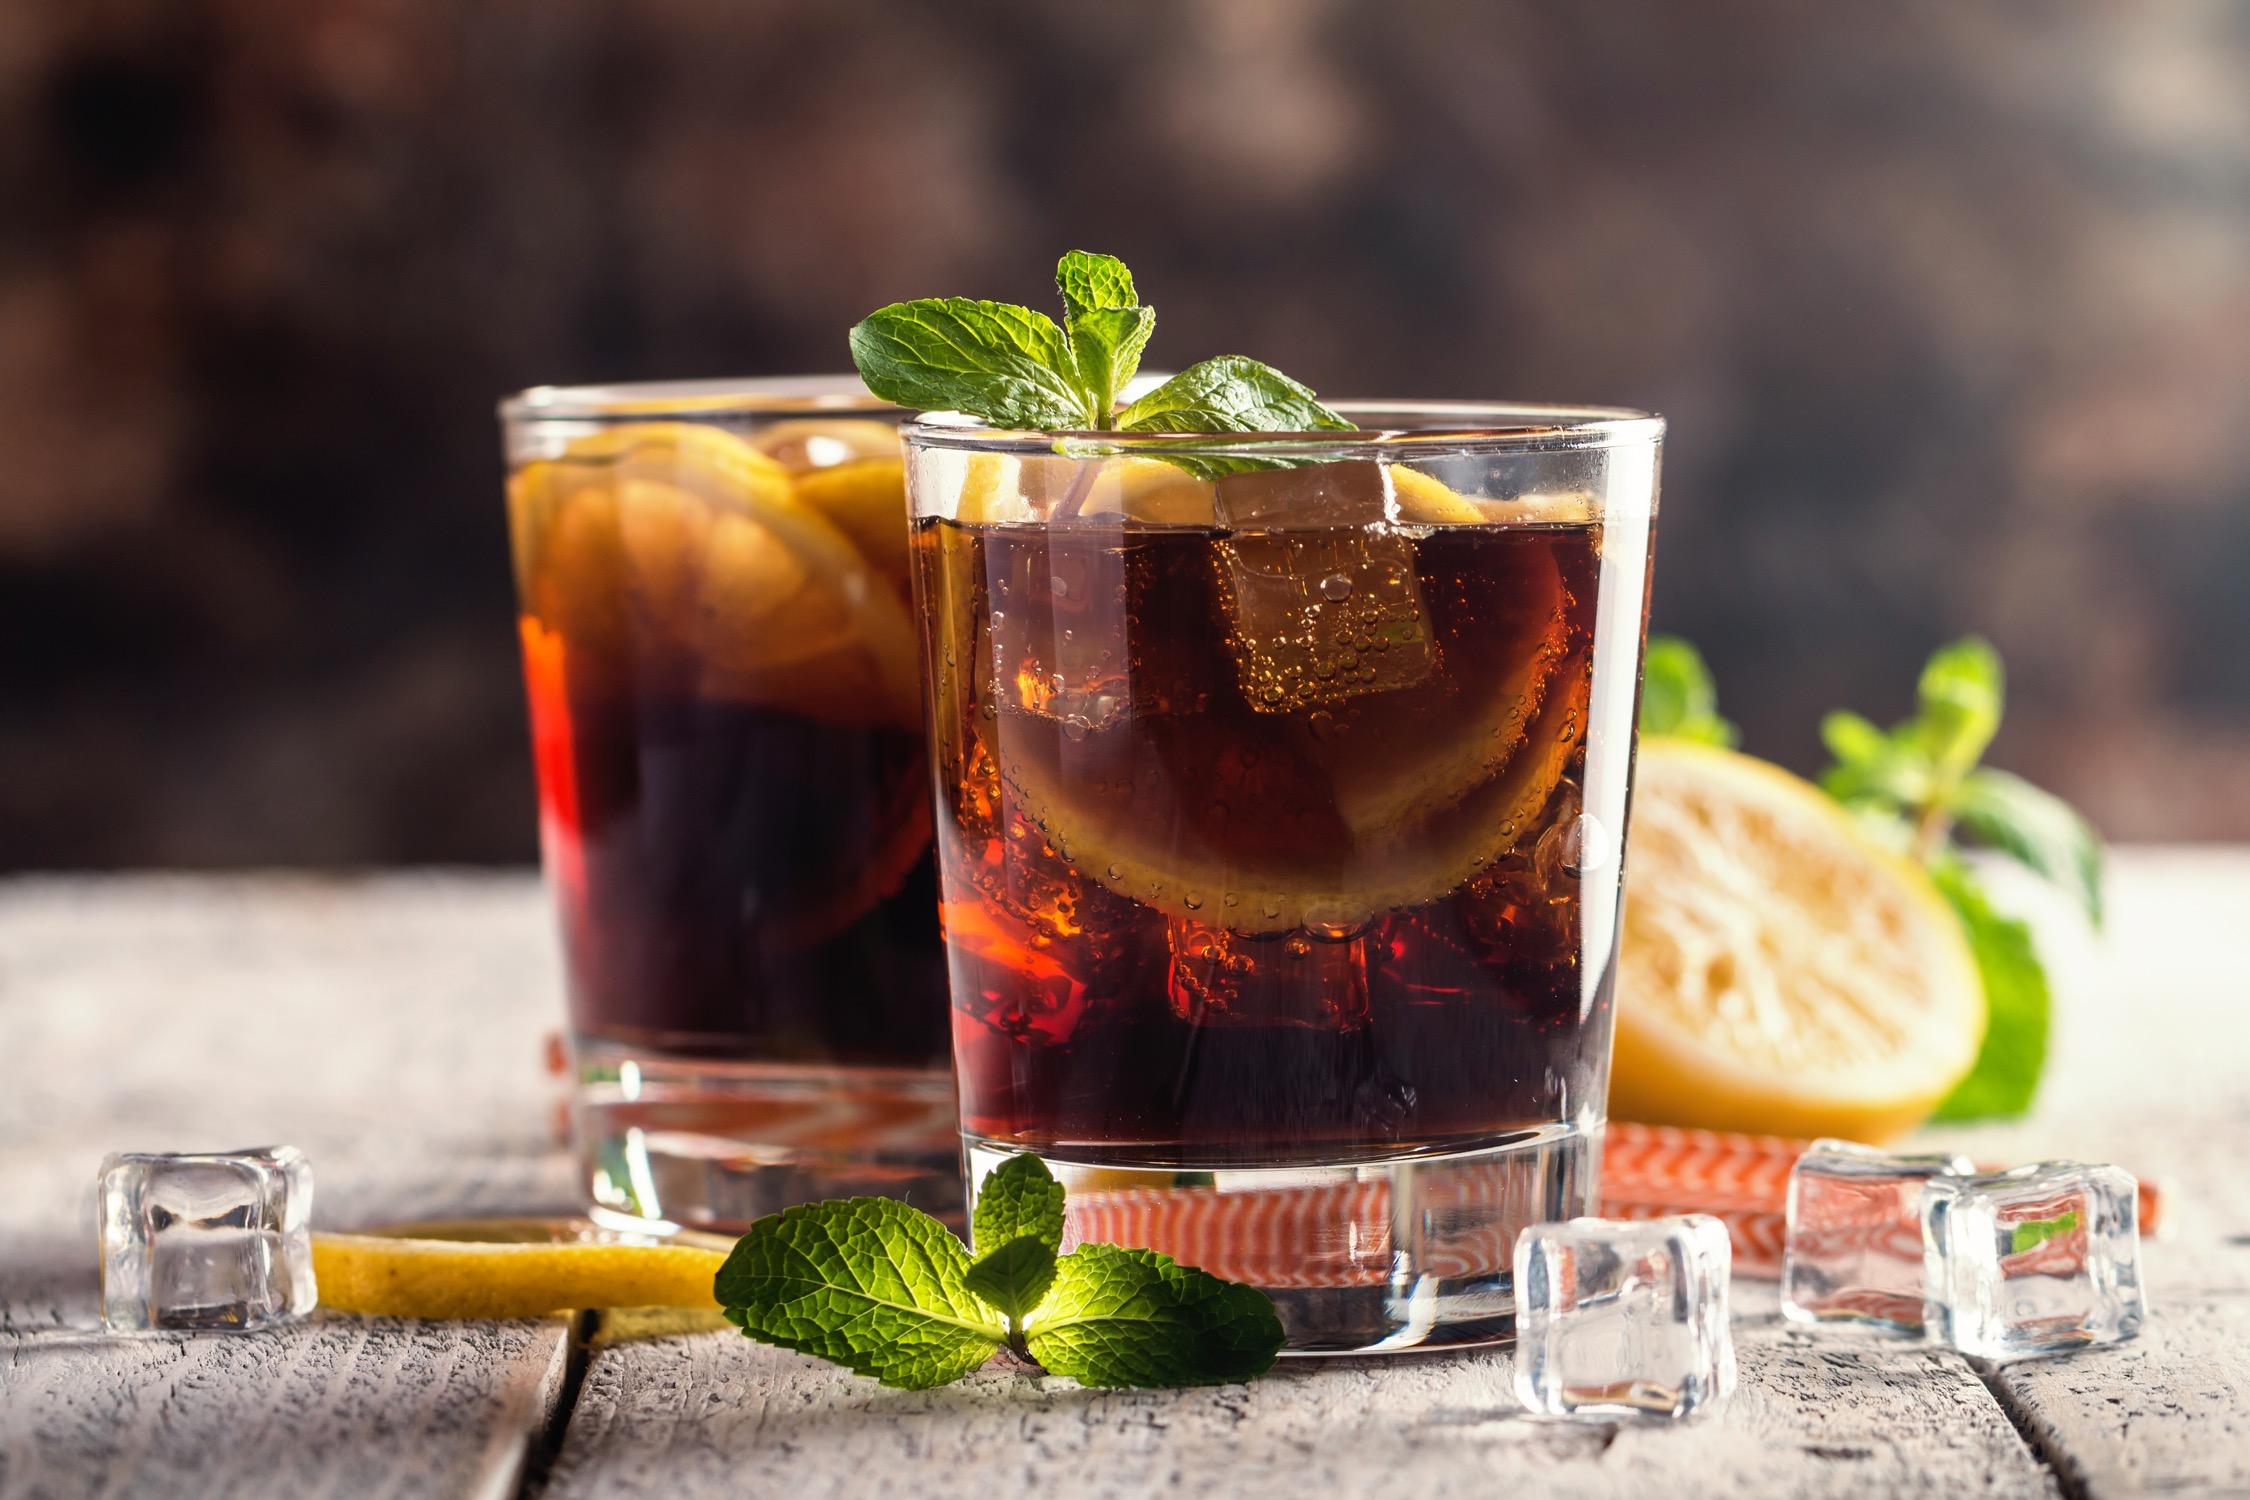 ワイン×コーラのカクテル「カリモーチョ」って?